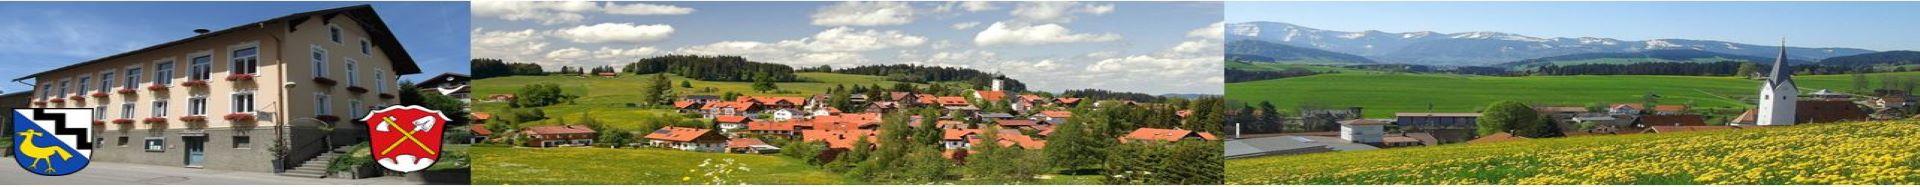 VGem Stiefenhofen